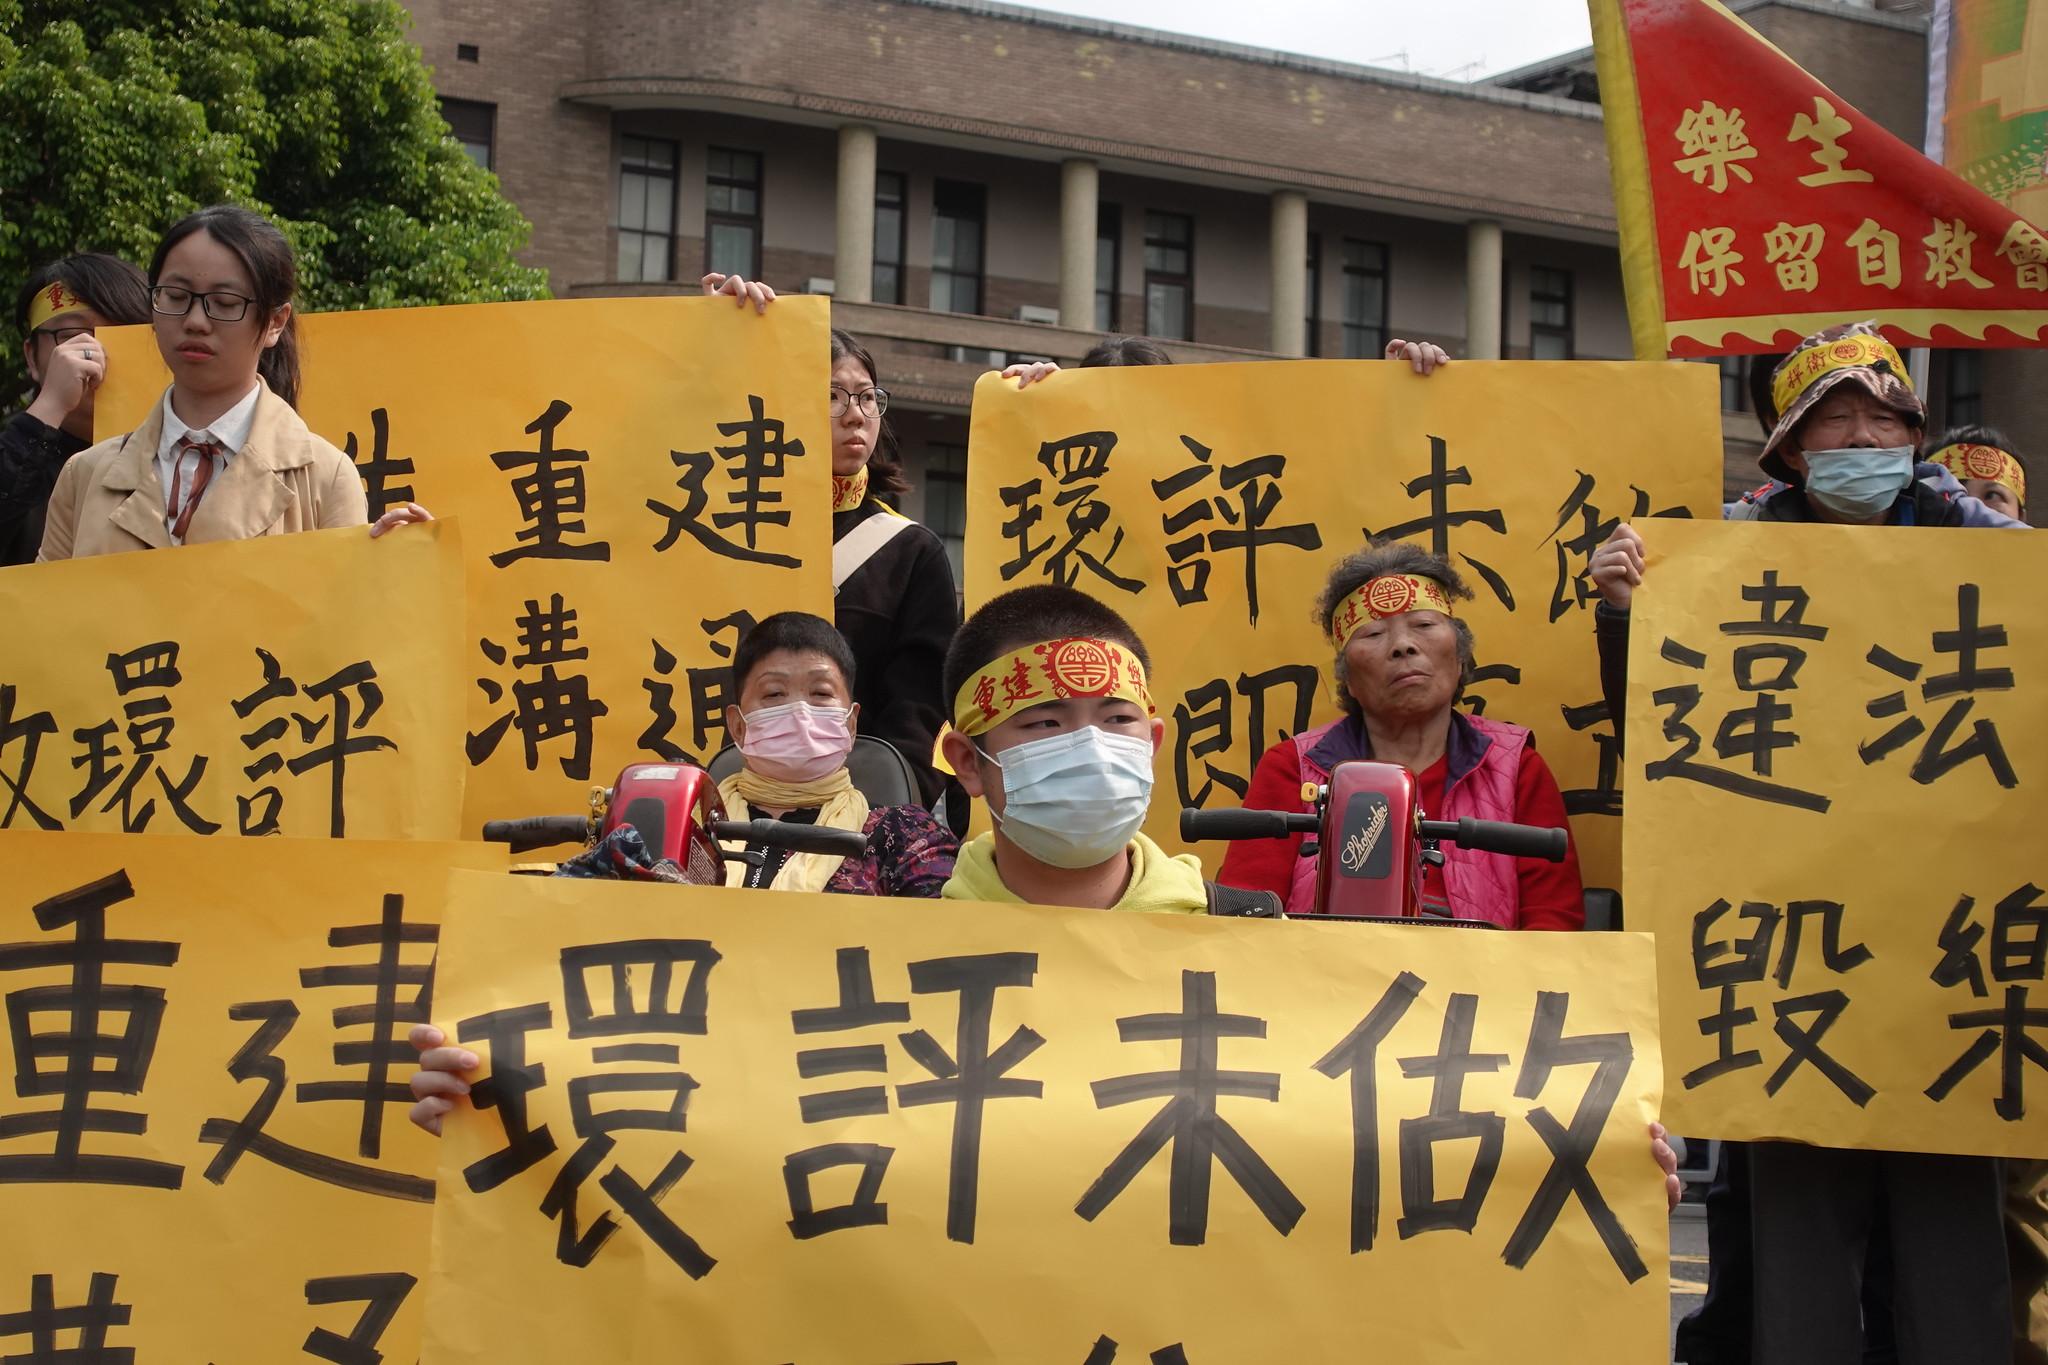 樂生院民和民間團體到行政院前抗議樂生院未做環評就施工,且設施不符院民需求。(攝影:張智琦)